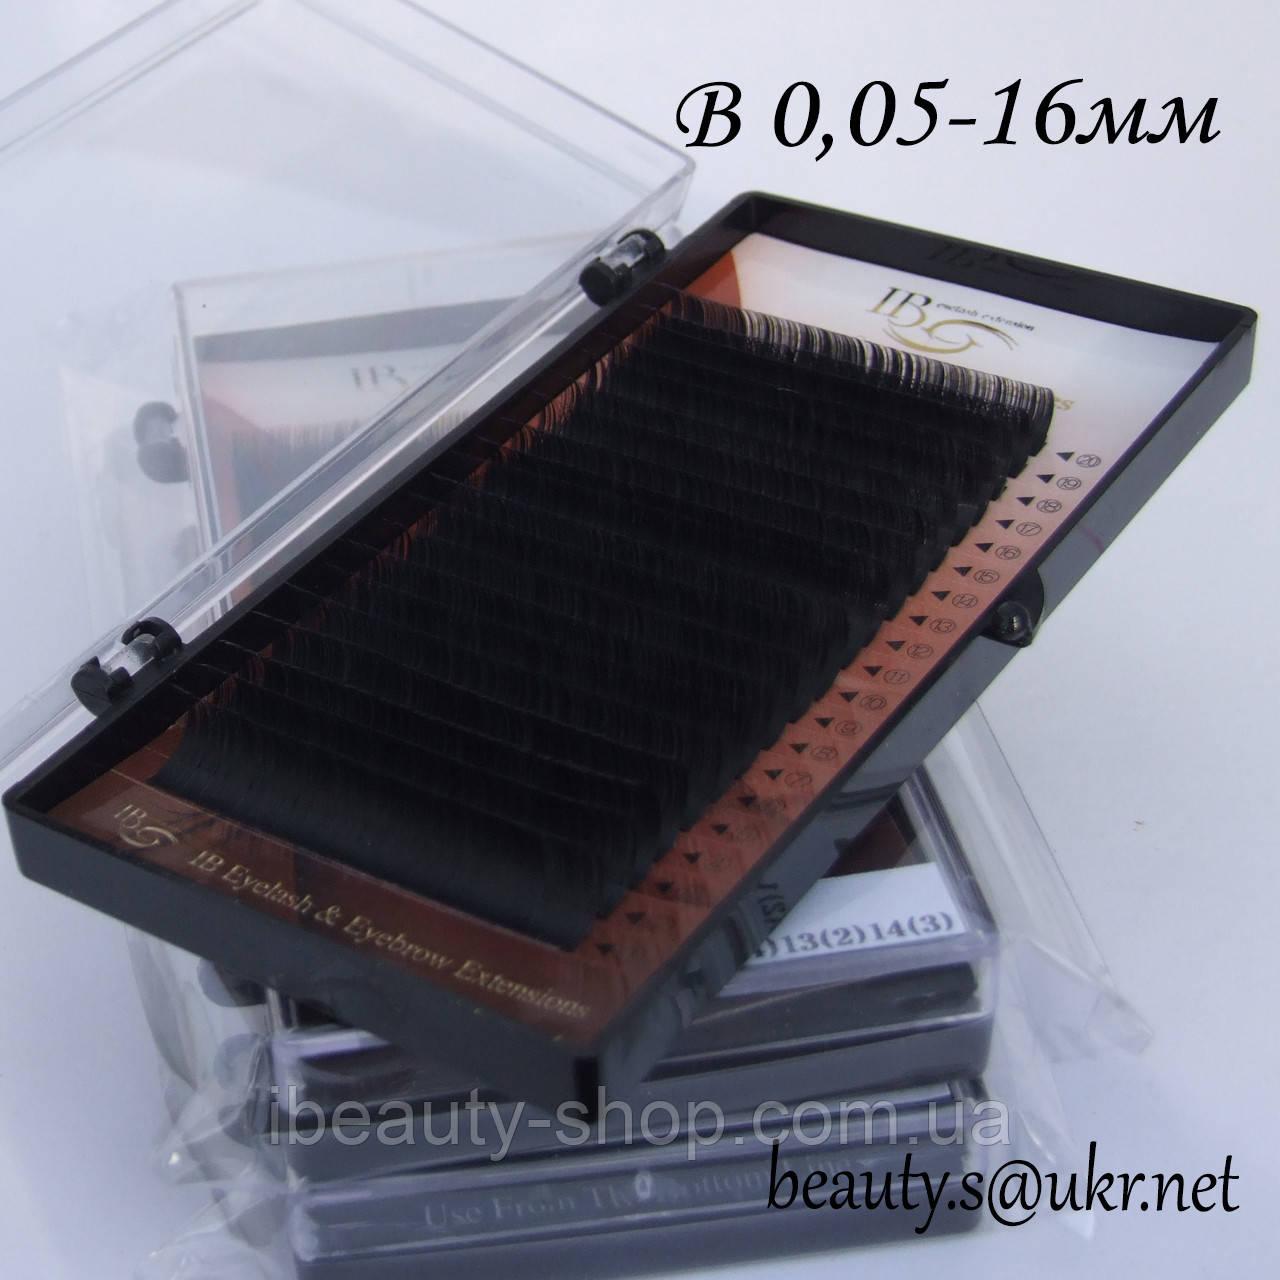 Ресницы  I-Beauty на ленте B 0,05-16мм